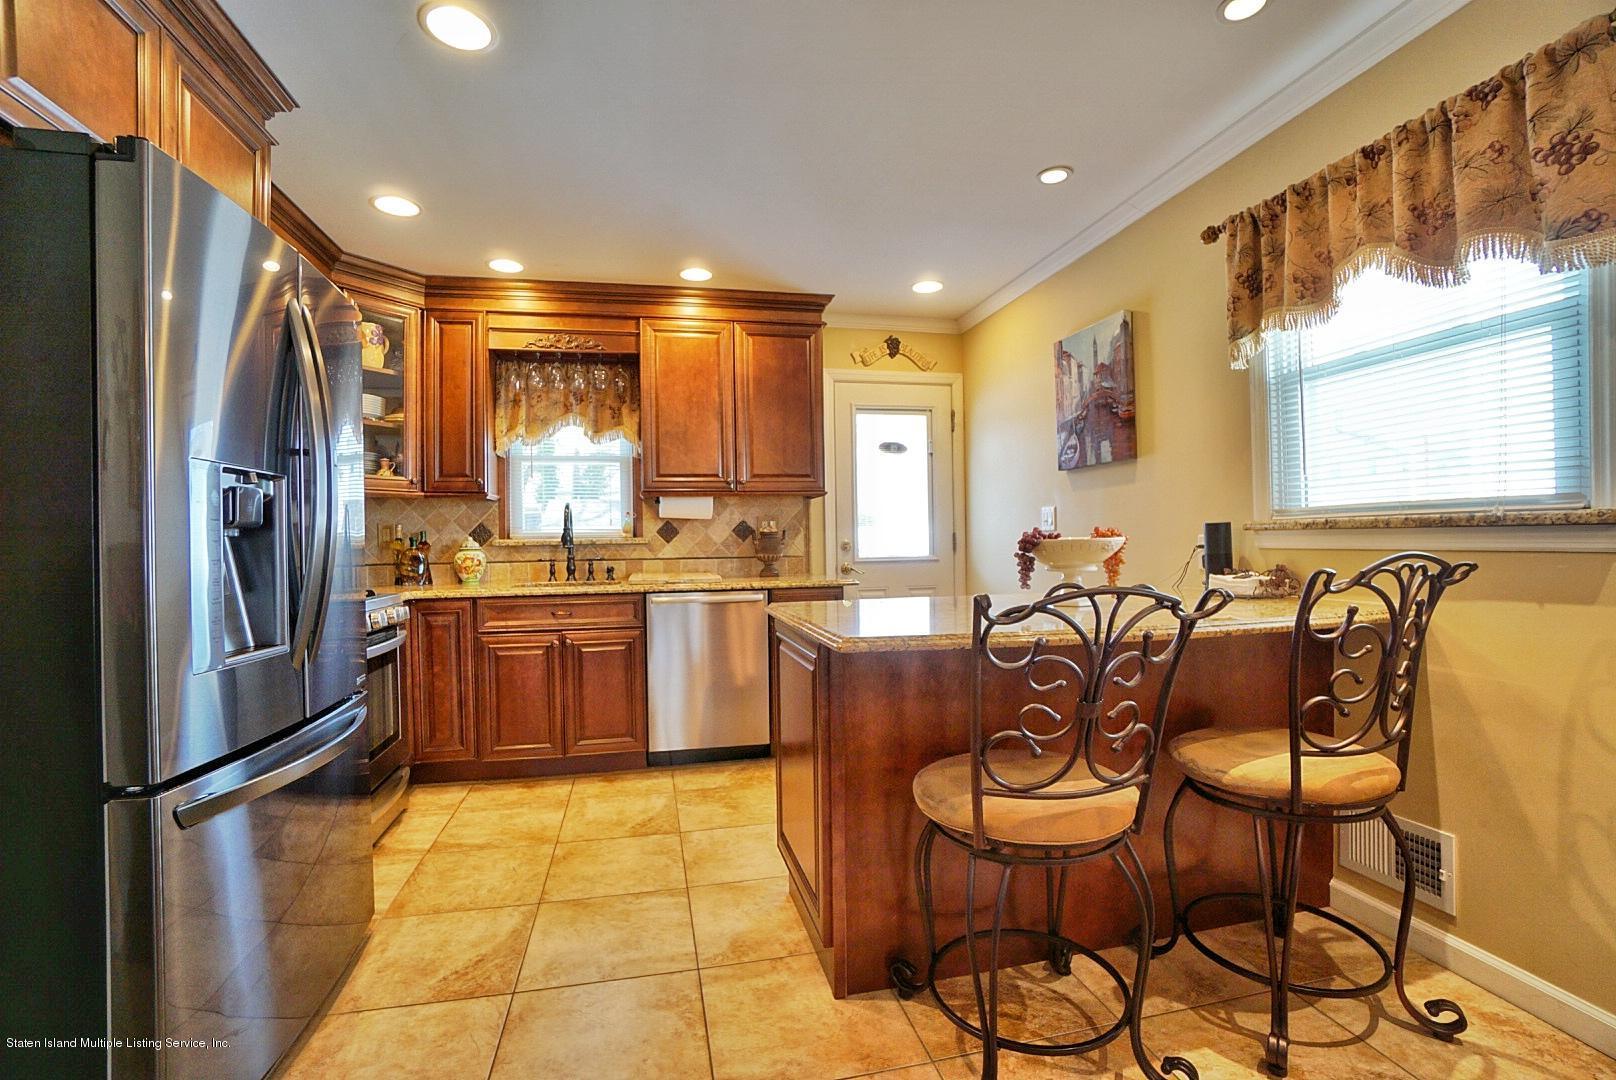 Single Family - Semi-Attached 366 Fairbanks Avenue  Staten Island, NY 10306, MLS-1127458-15